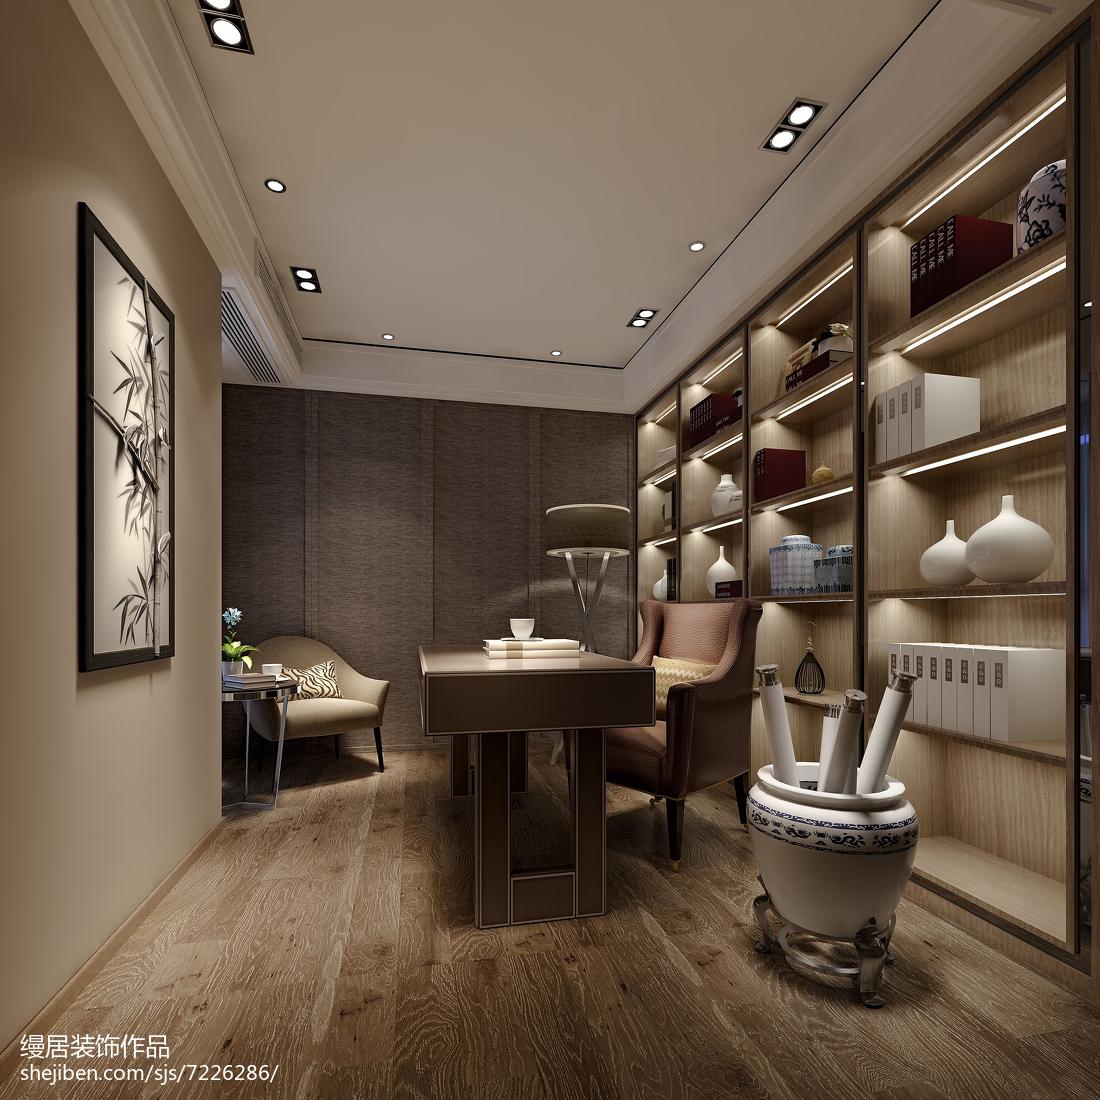 家庭酒柜设计图_家庭实木酒柜设计效果图-土巴兔装修效果图